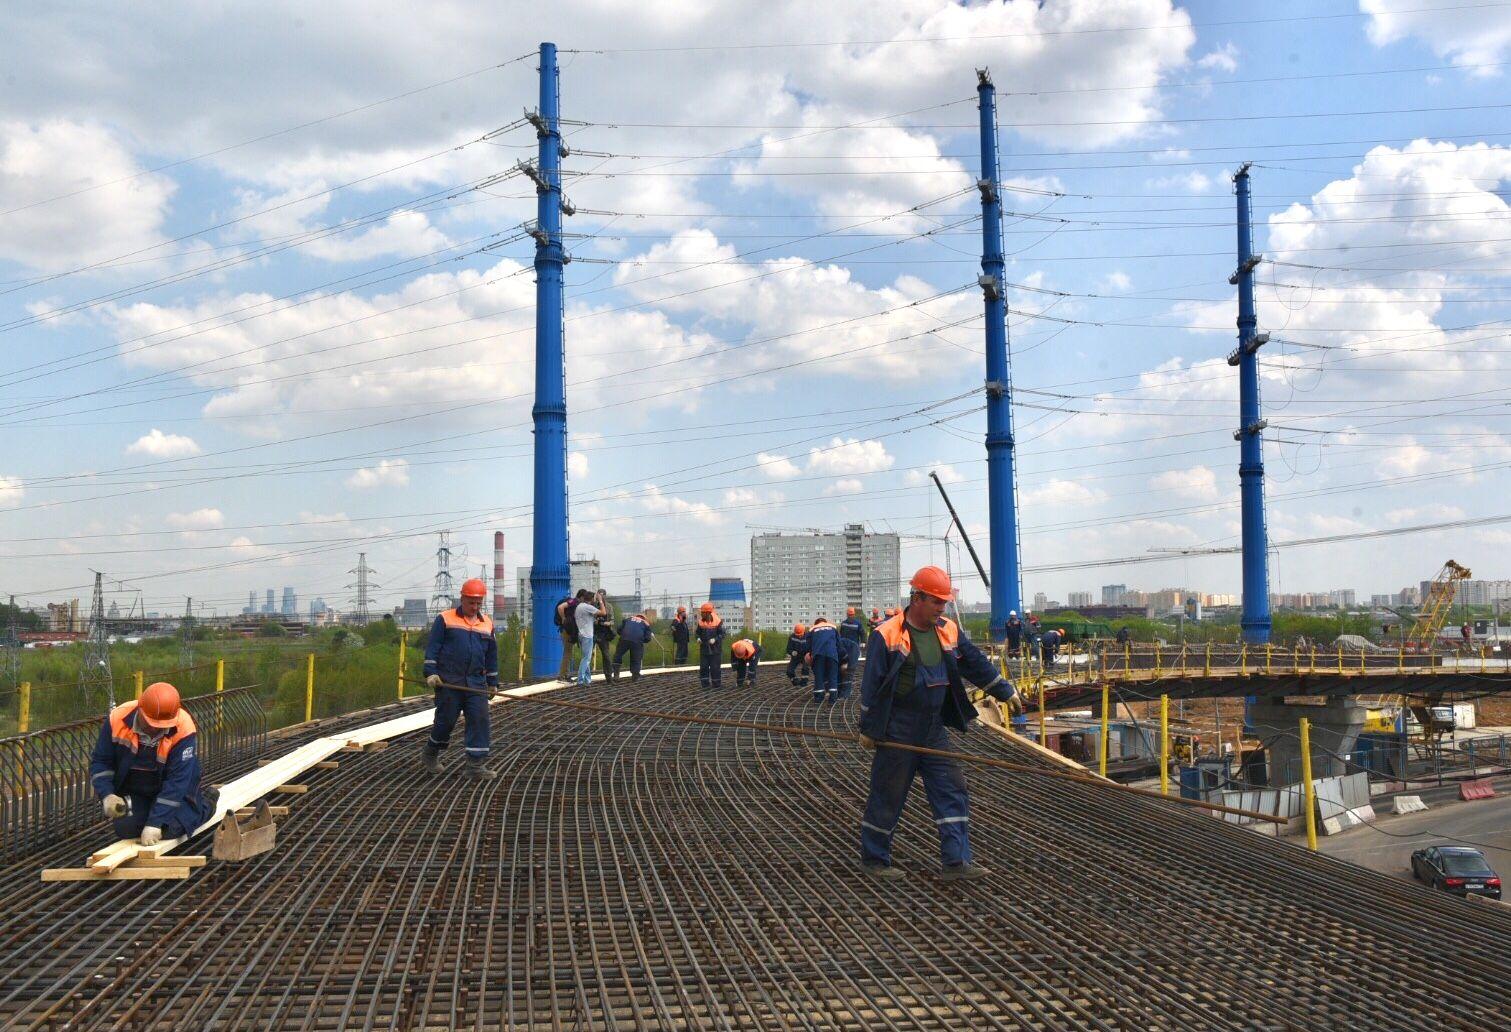 Сентябрь стал месяцем новых рязвязок и магистралей в Москве